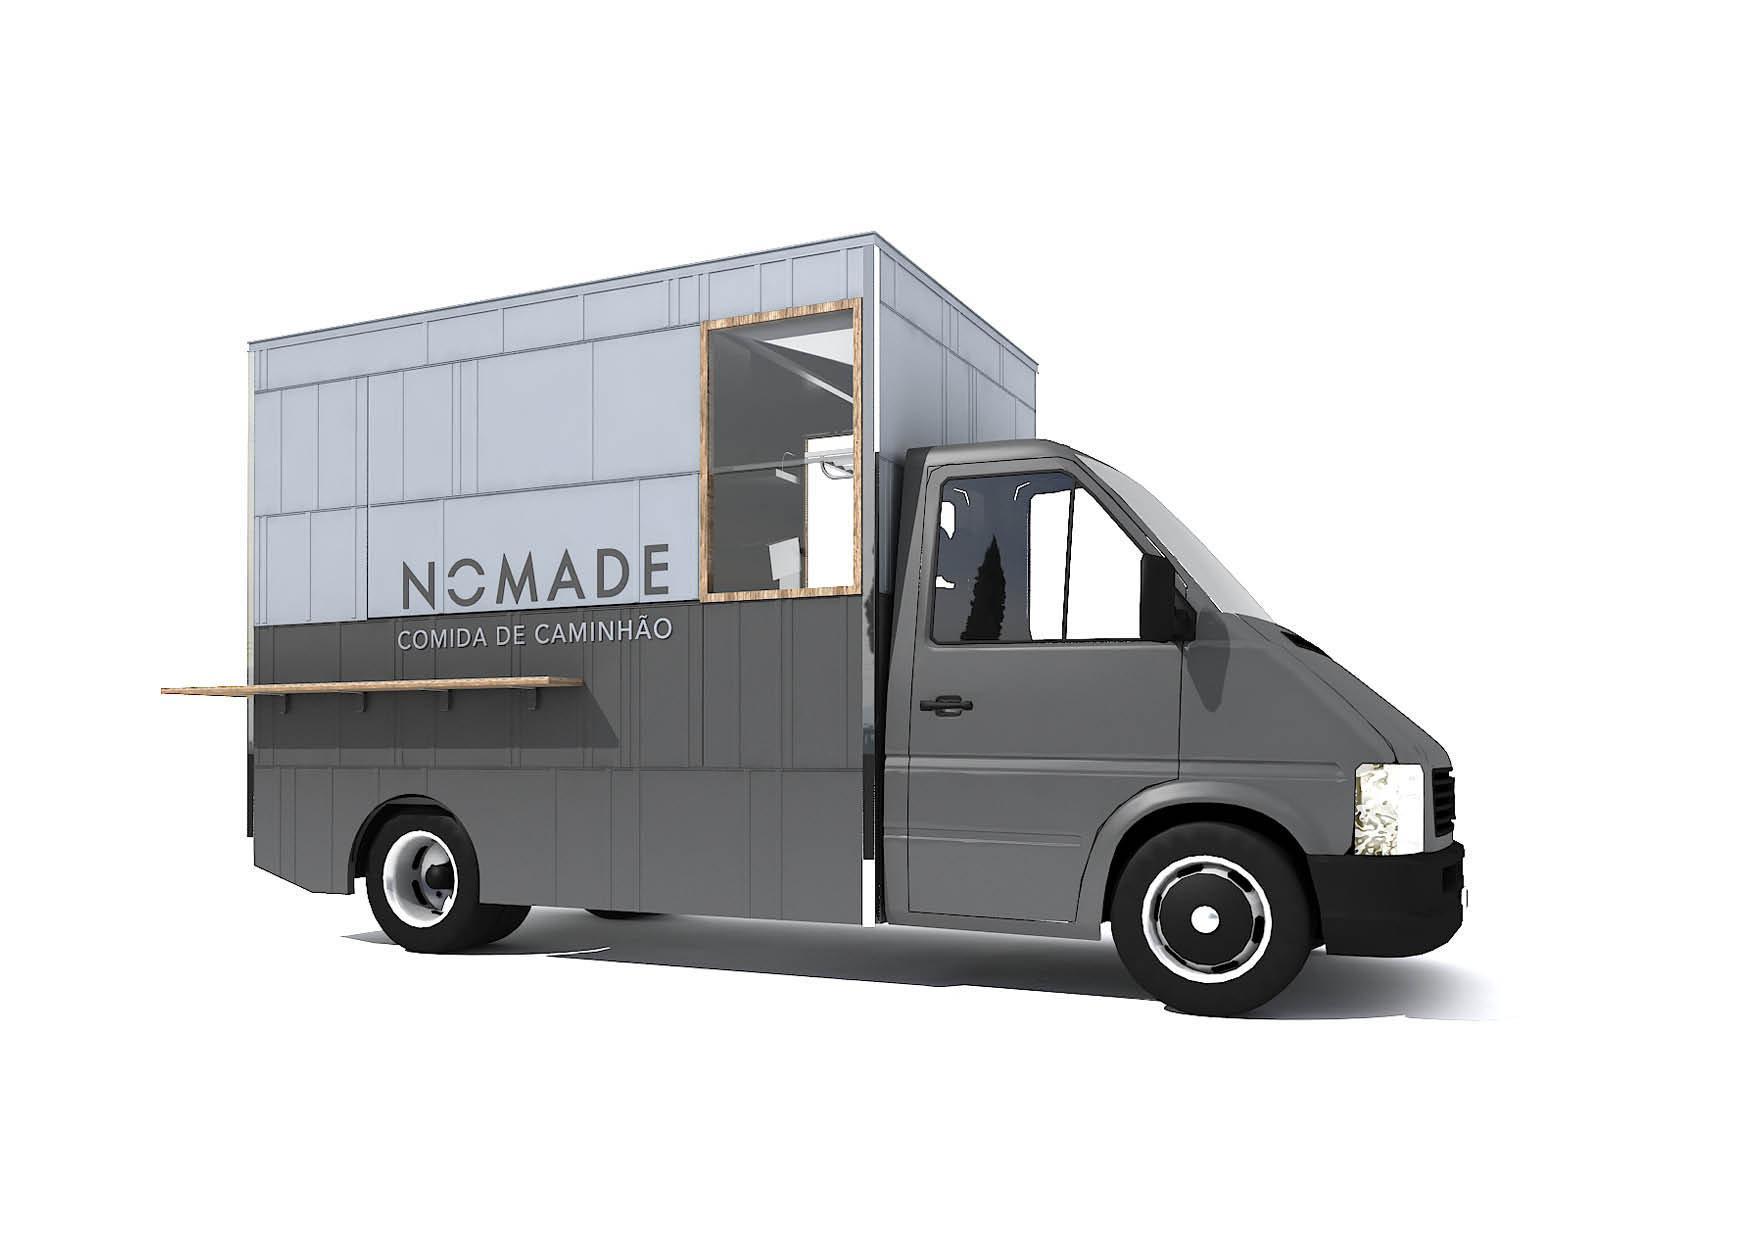 nomade_0114.jpg